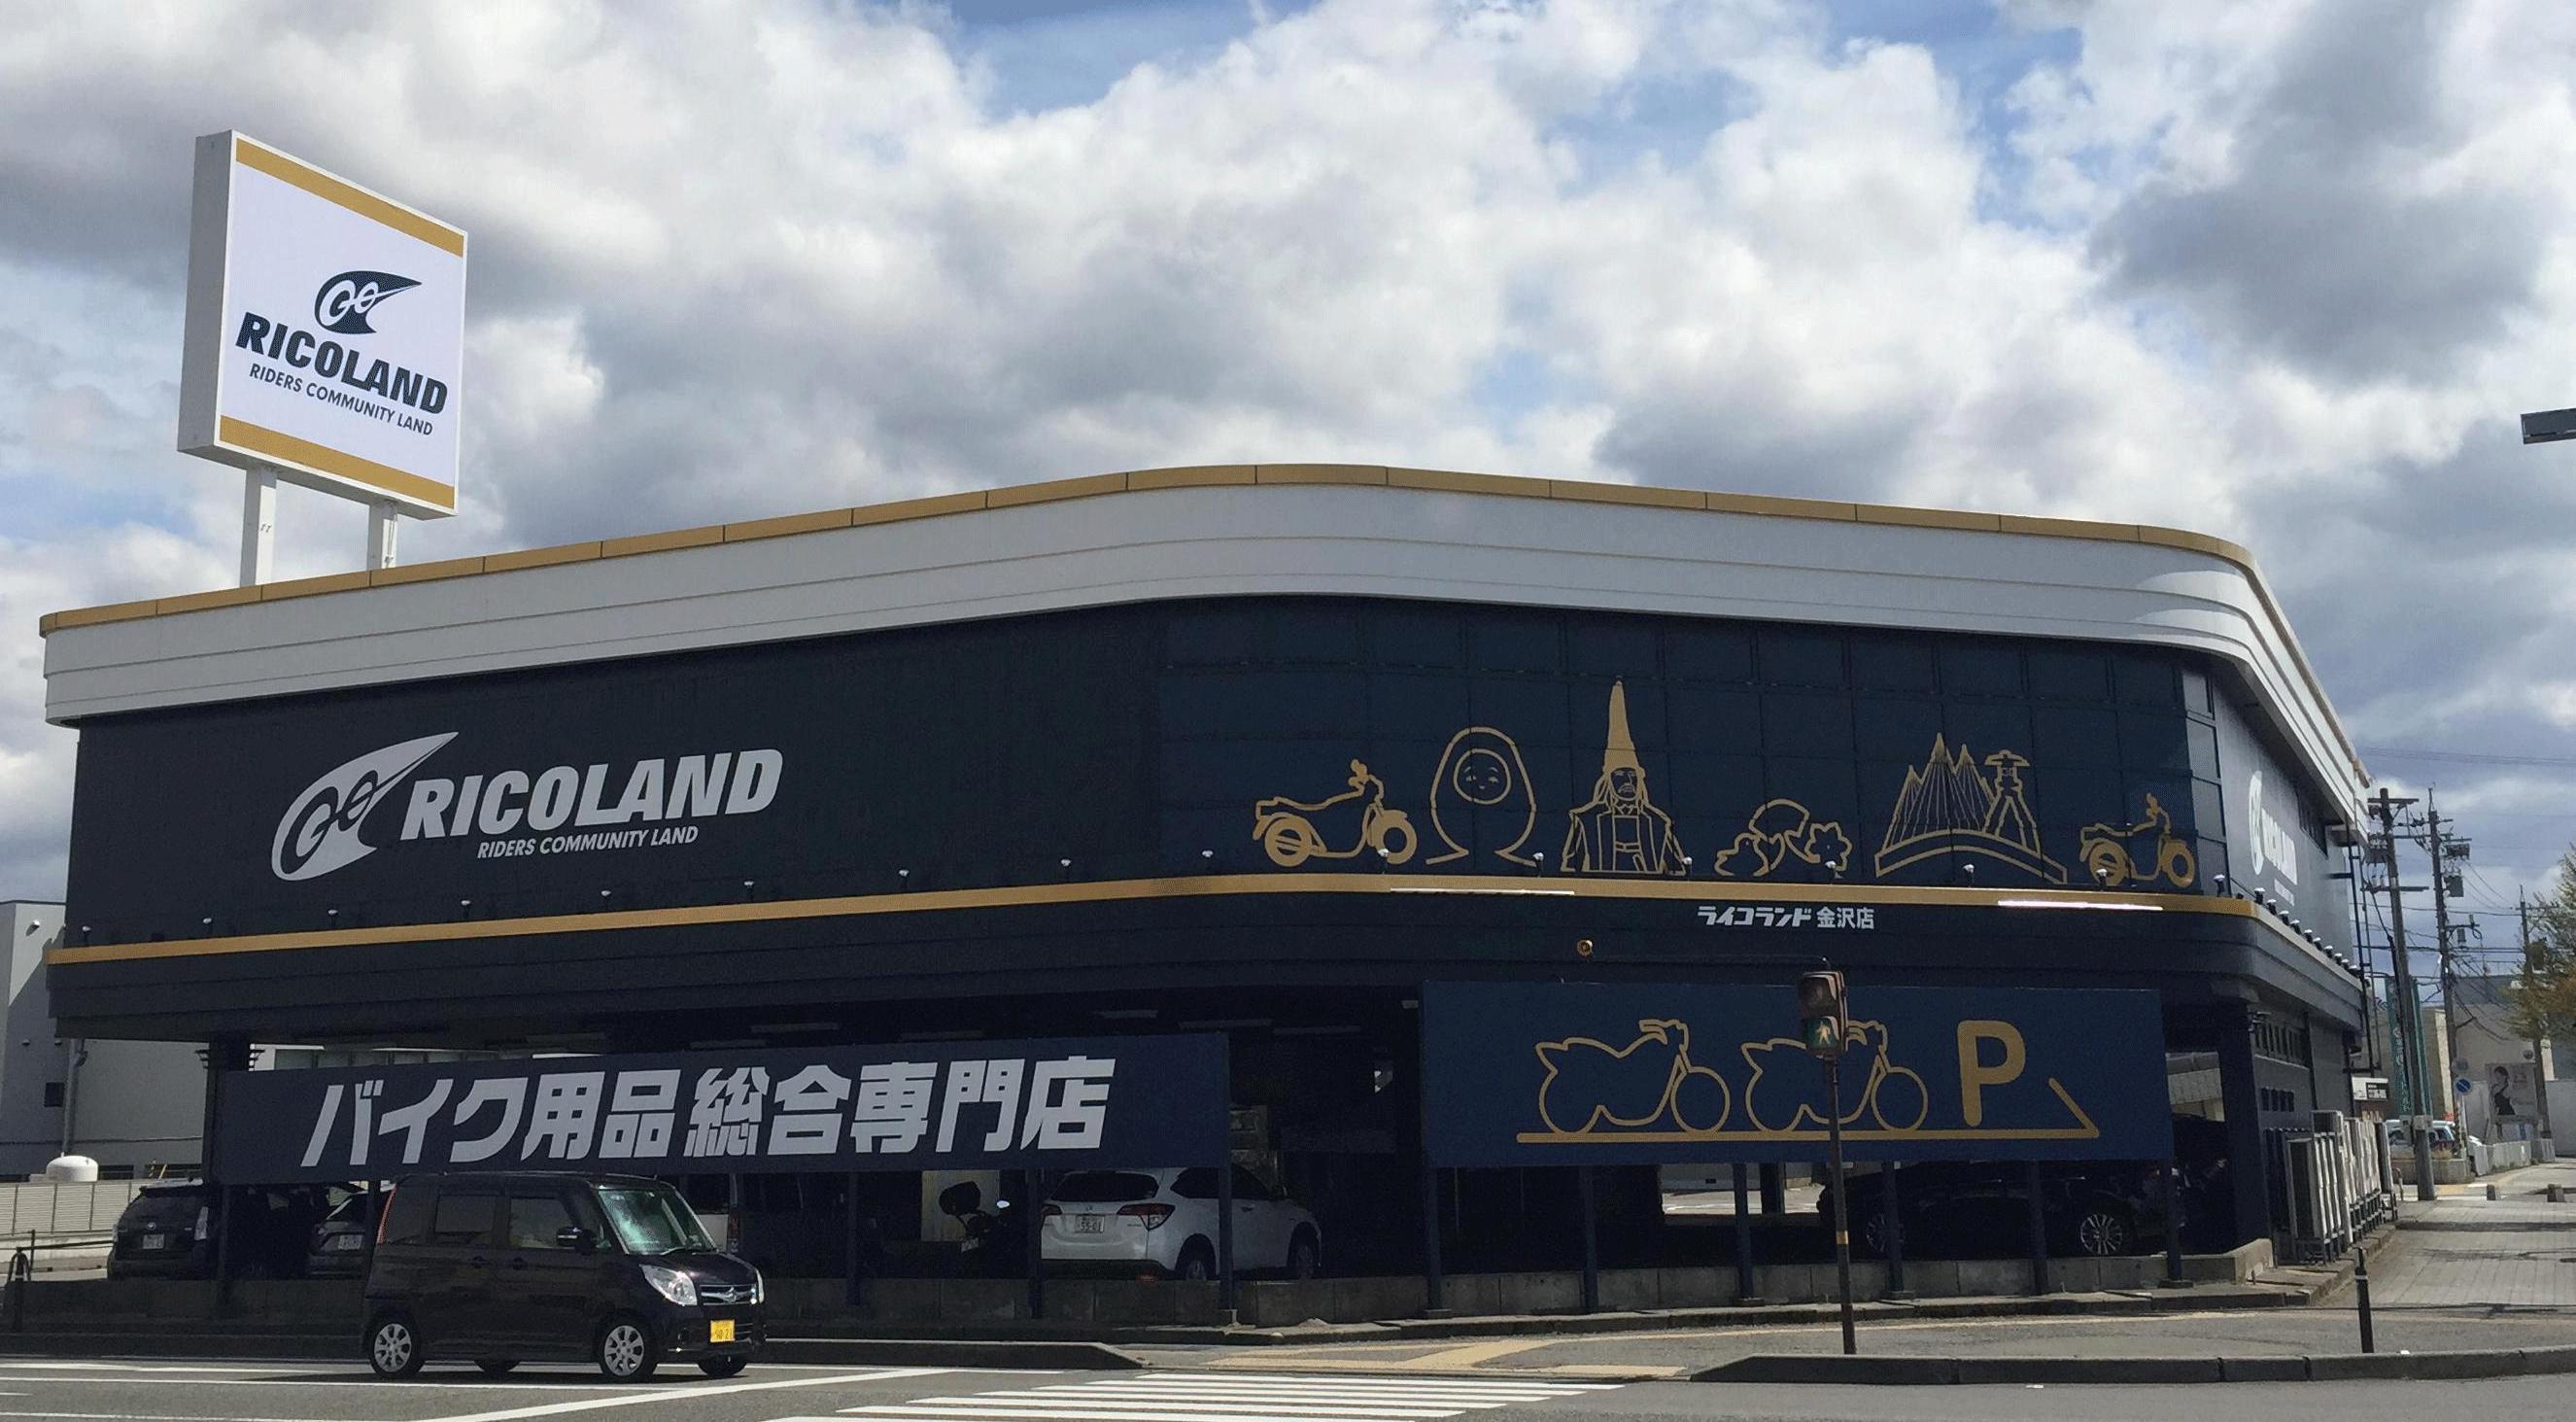 【店頭体験会】in ライコランド金沢店